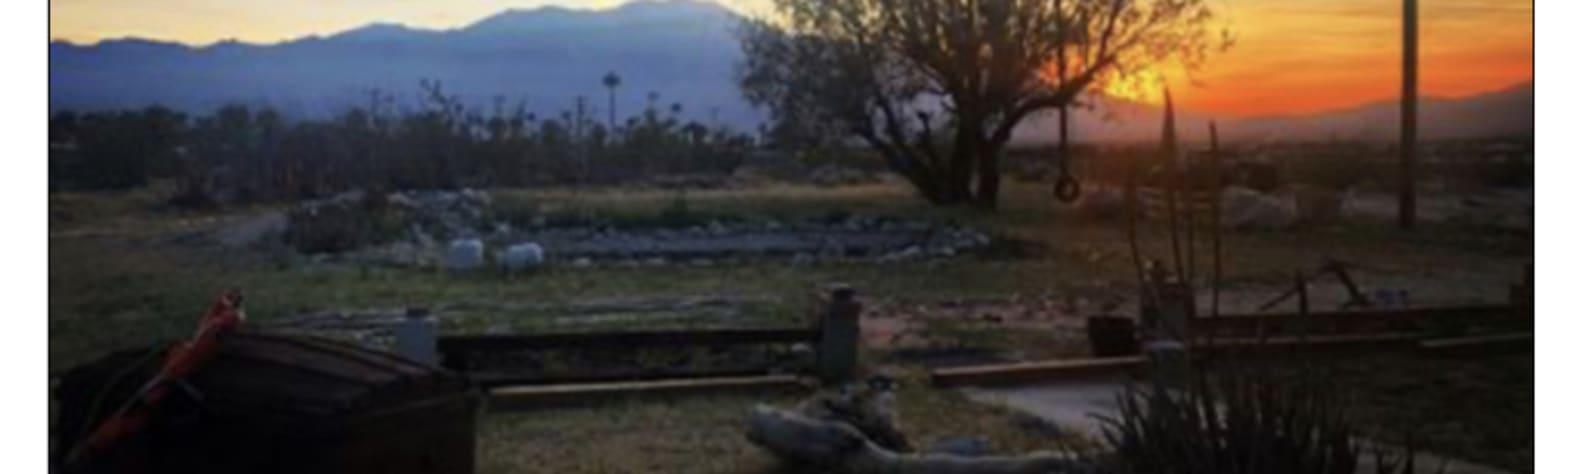 Rancho Capotista